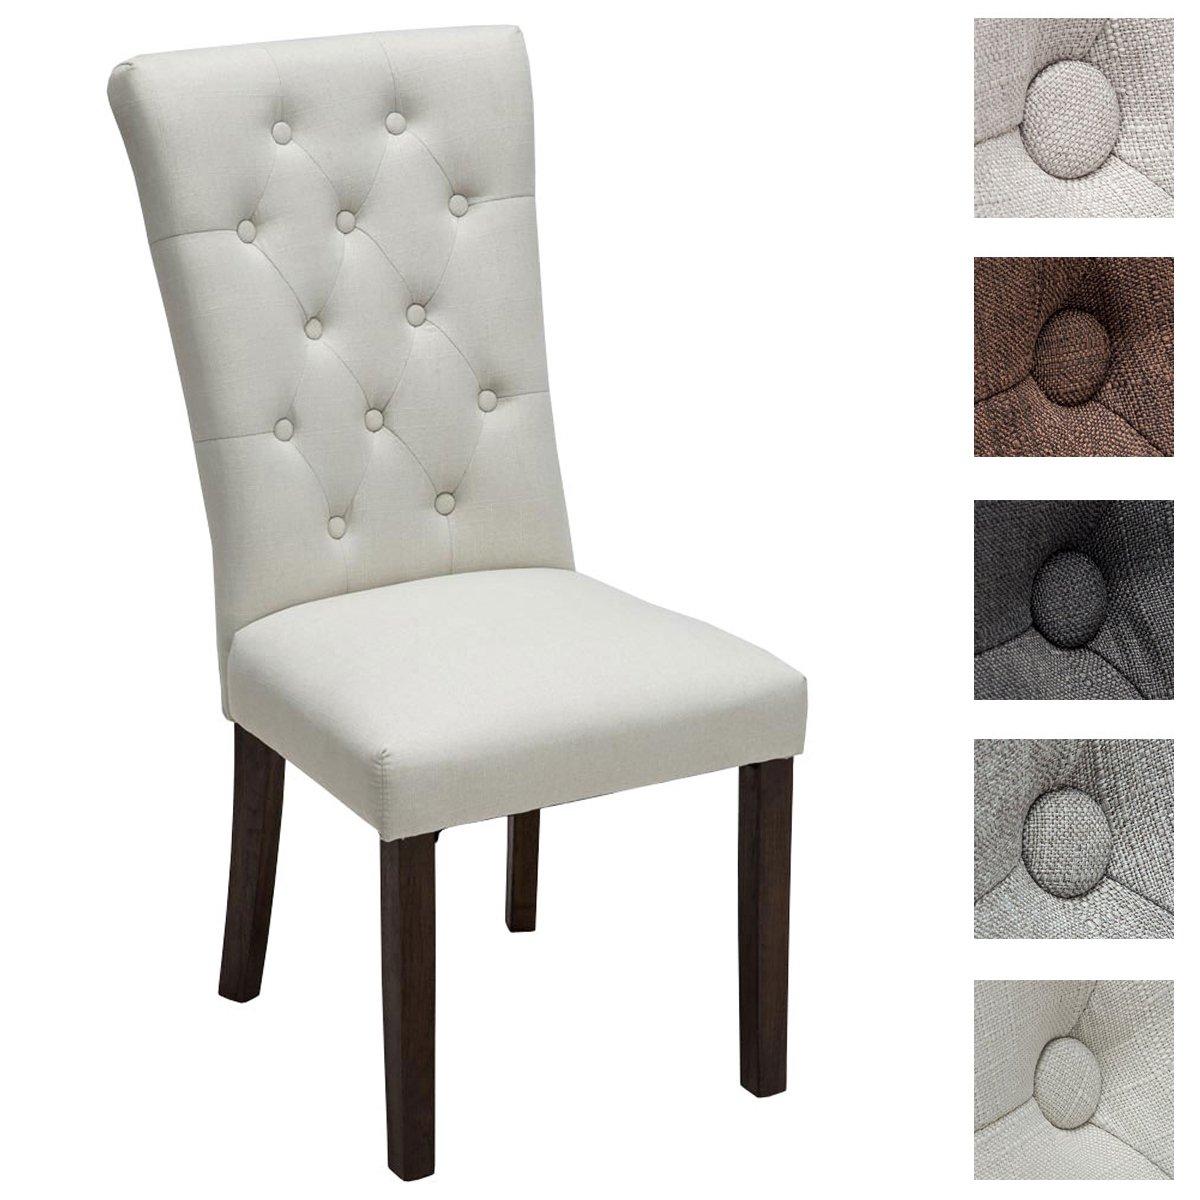 Entzückend Hochwertige Esszimmerstühle Referenz Von Clp Esszimmerstuhl Emden Mit Hochwertiger Polsterung Und